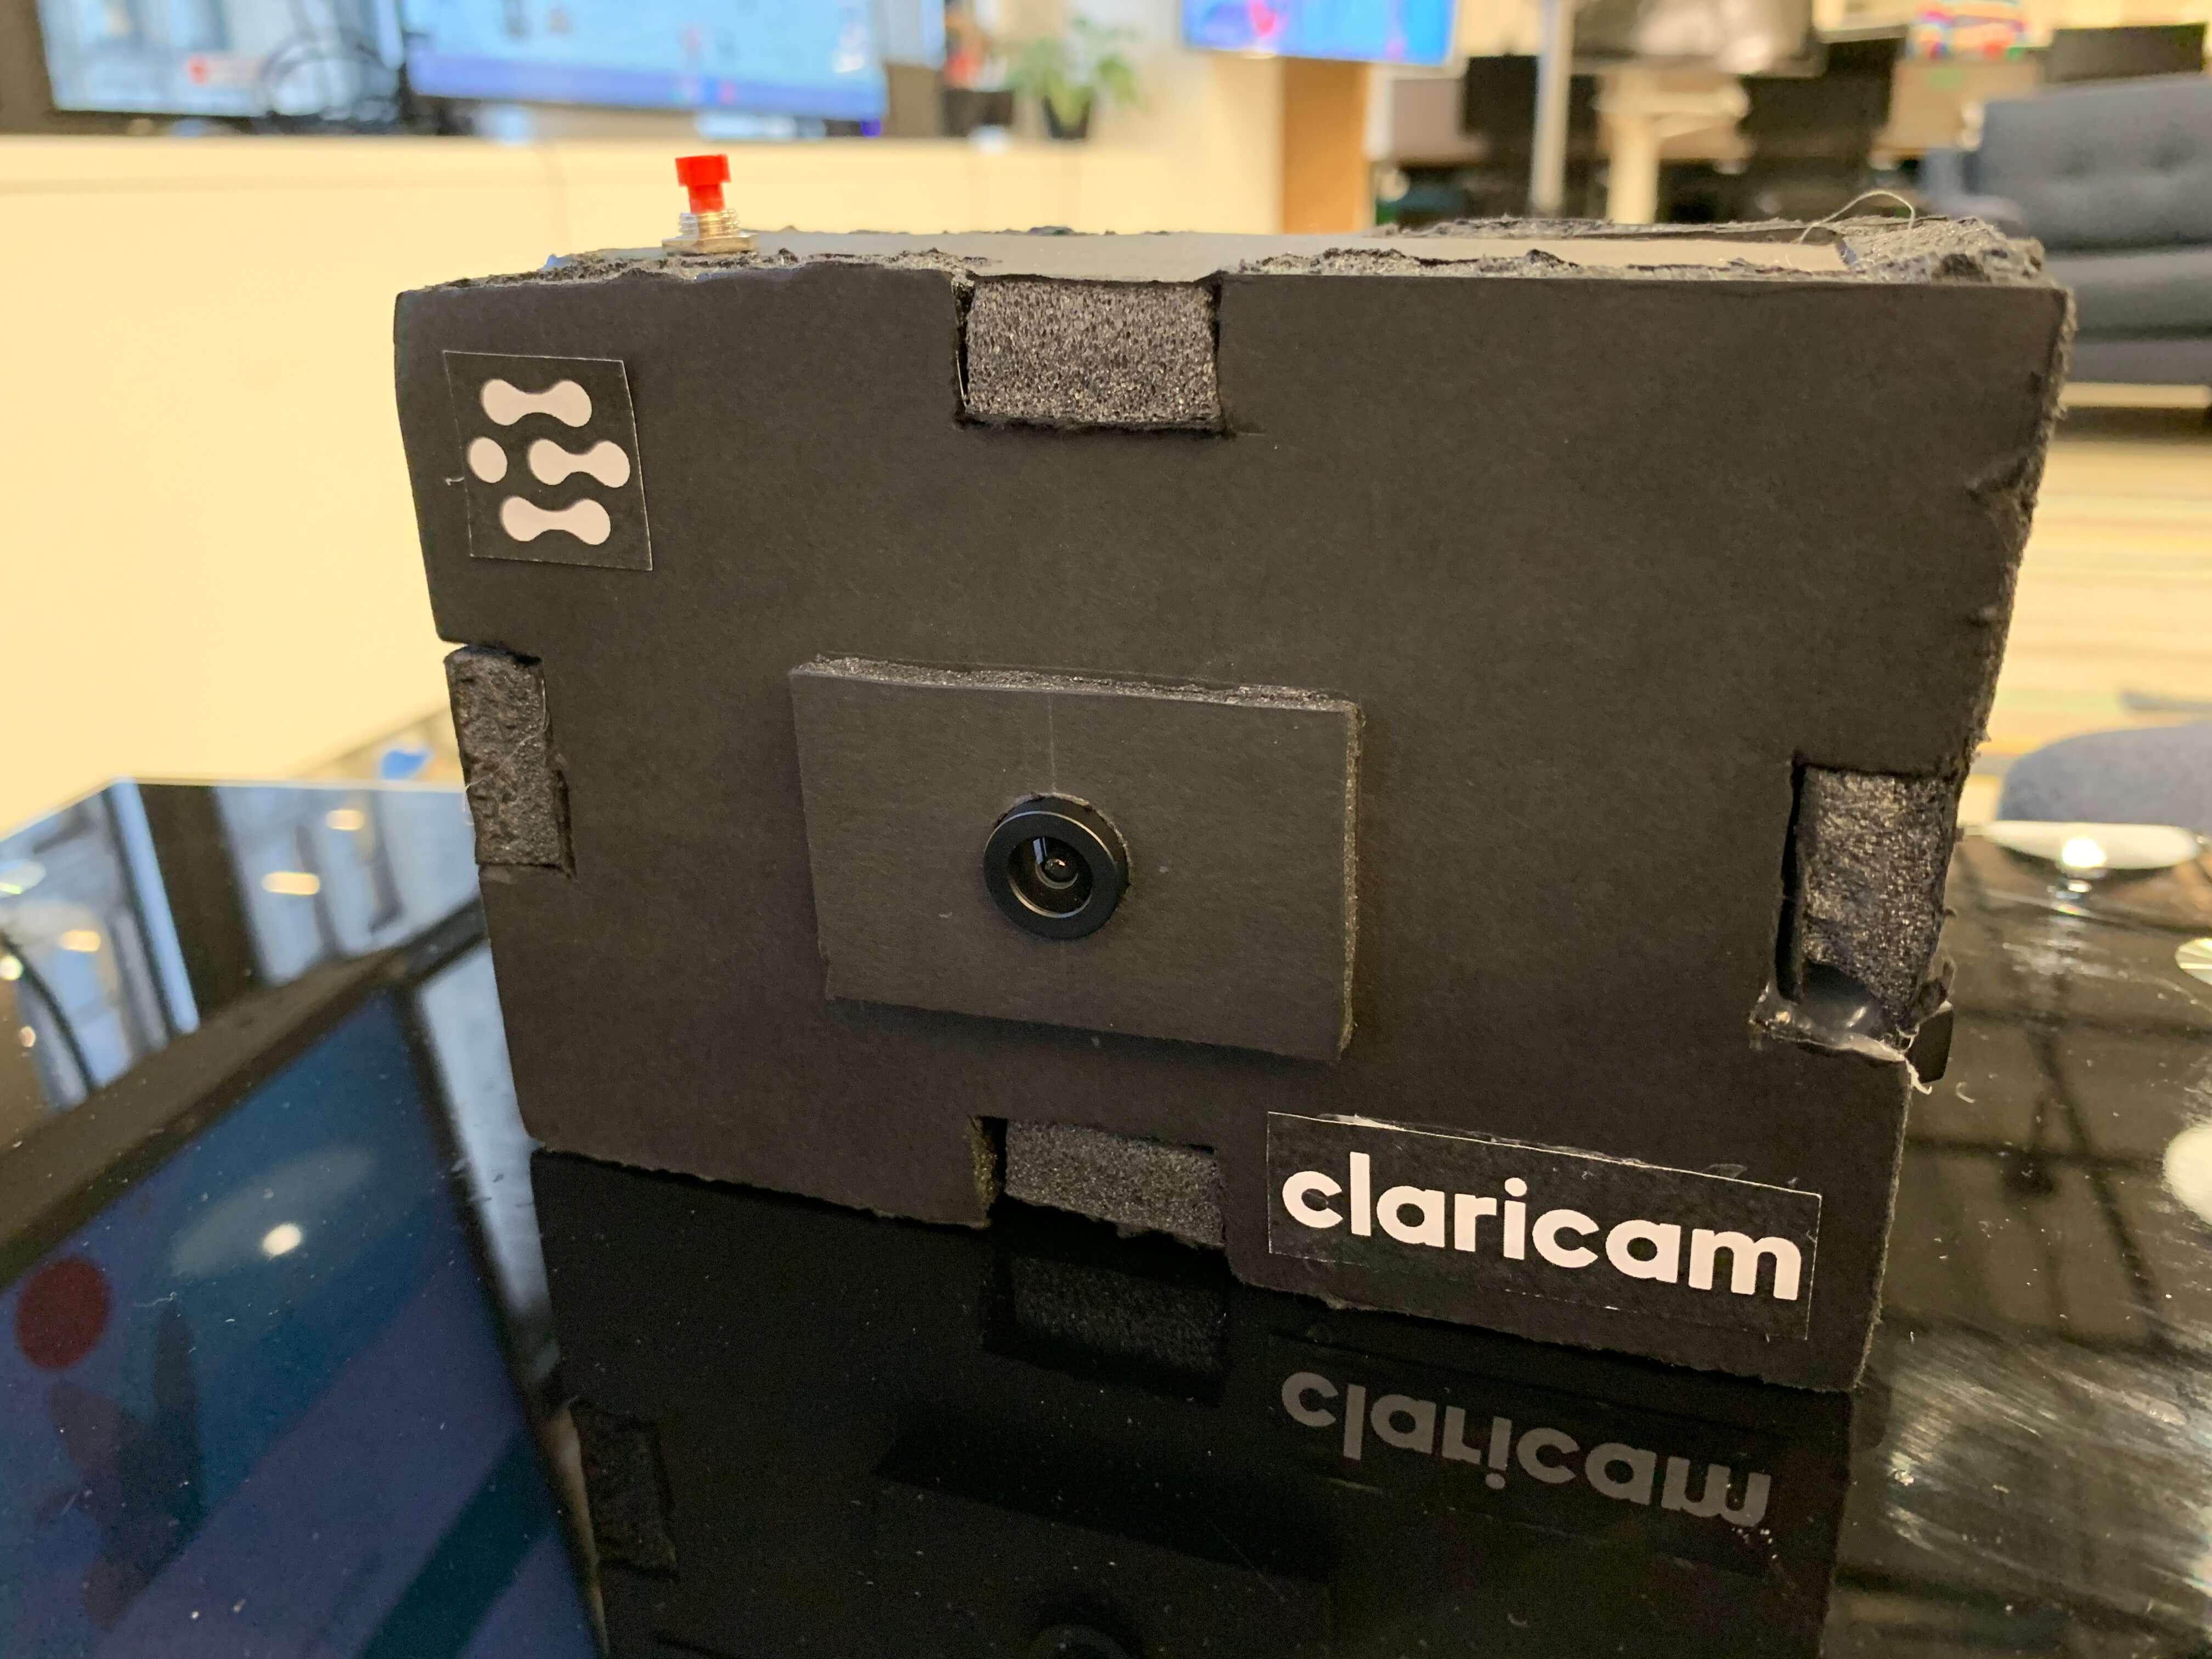 ClariCam front